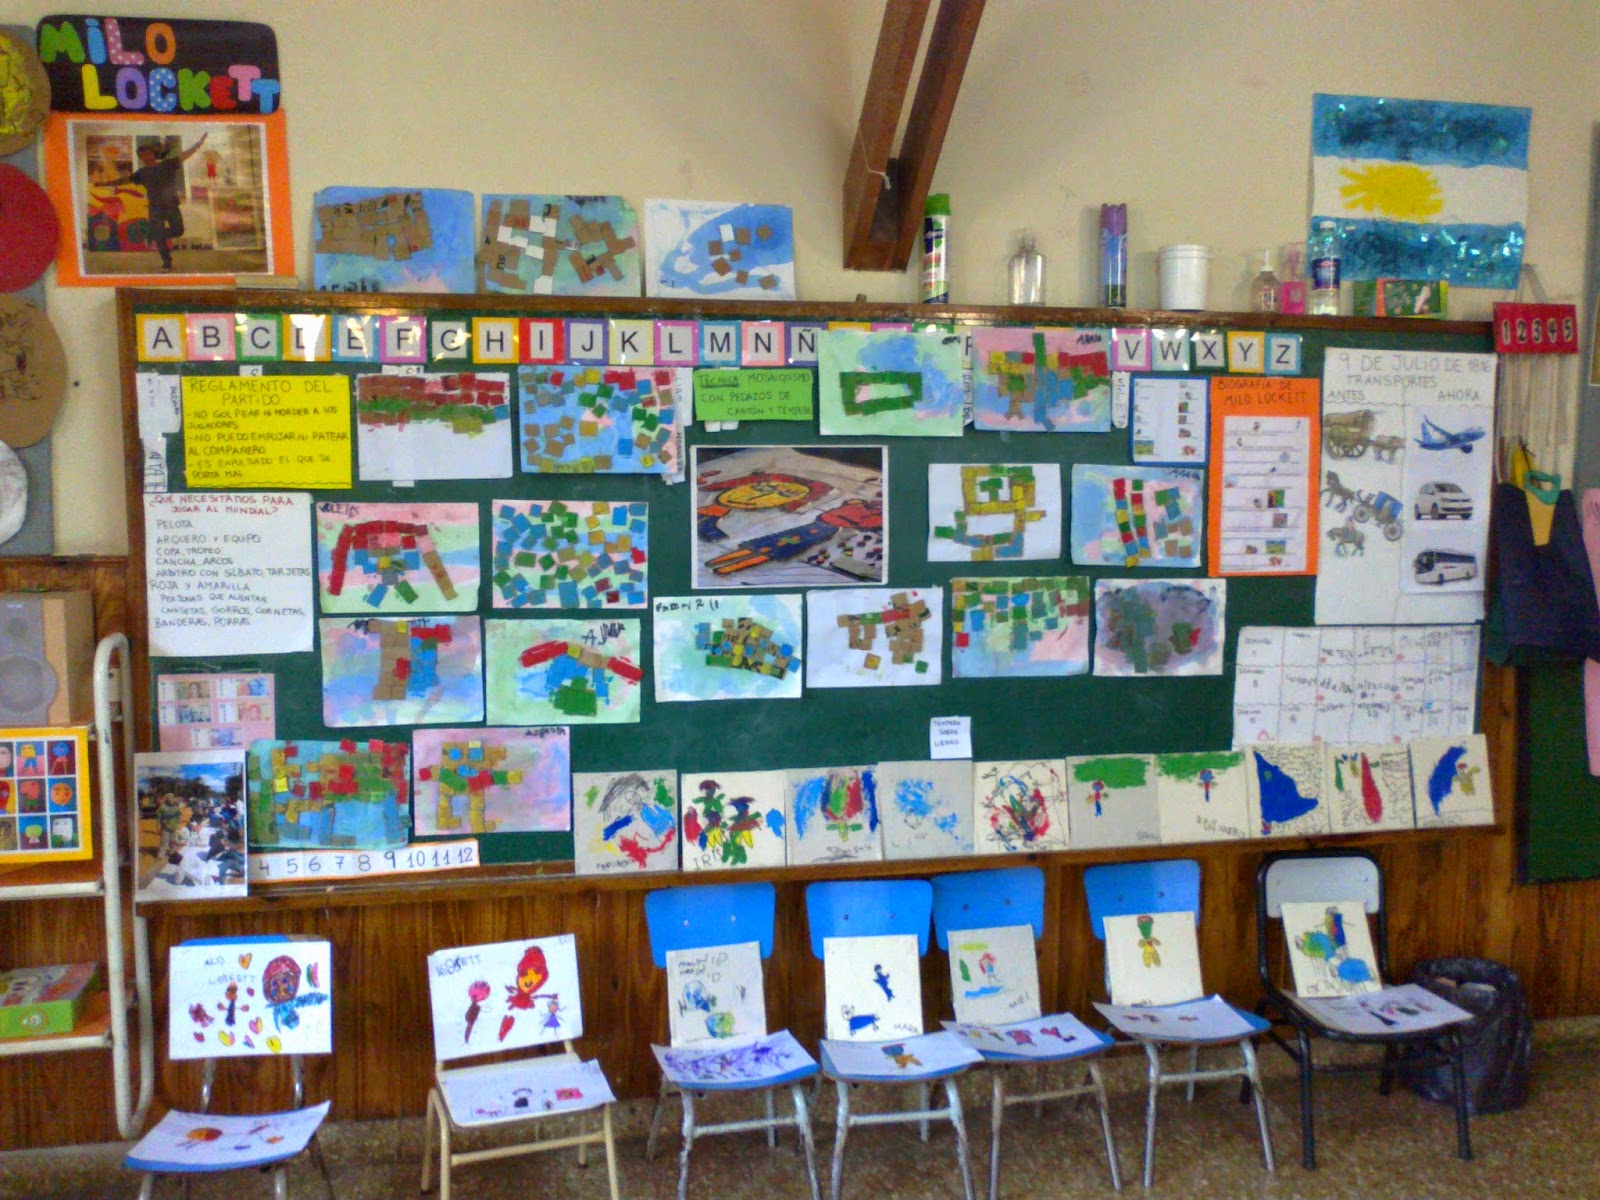 Huellas del jard n proyecto milo lockett for Actividades para el jardin de infantes